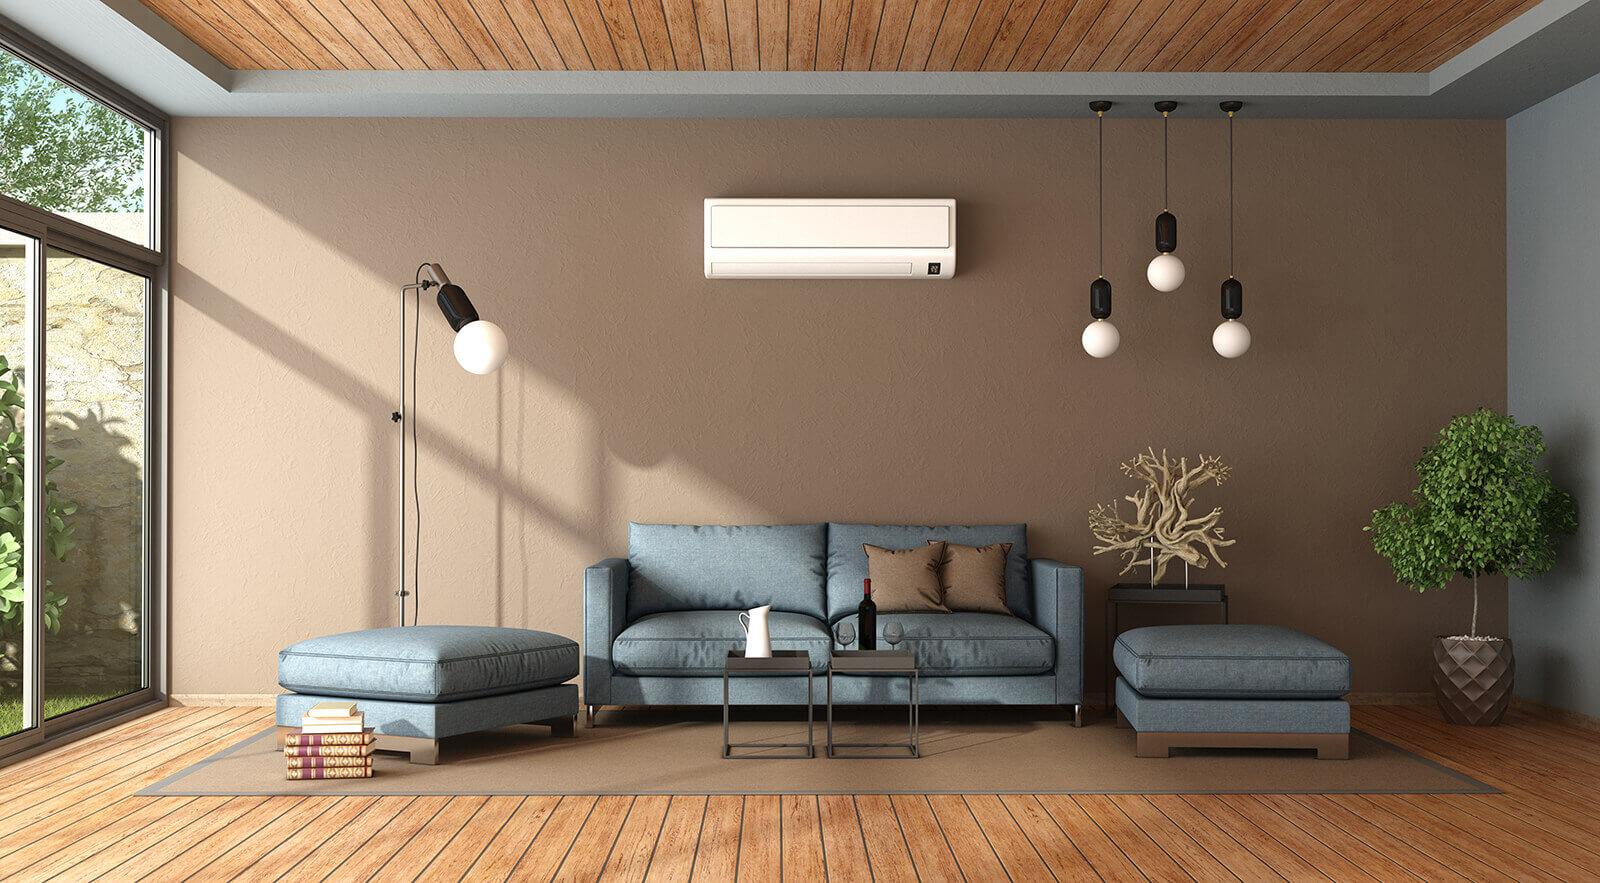 klíma Szombathely nappali hűtés fűtés